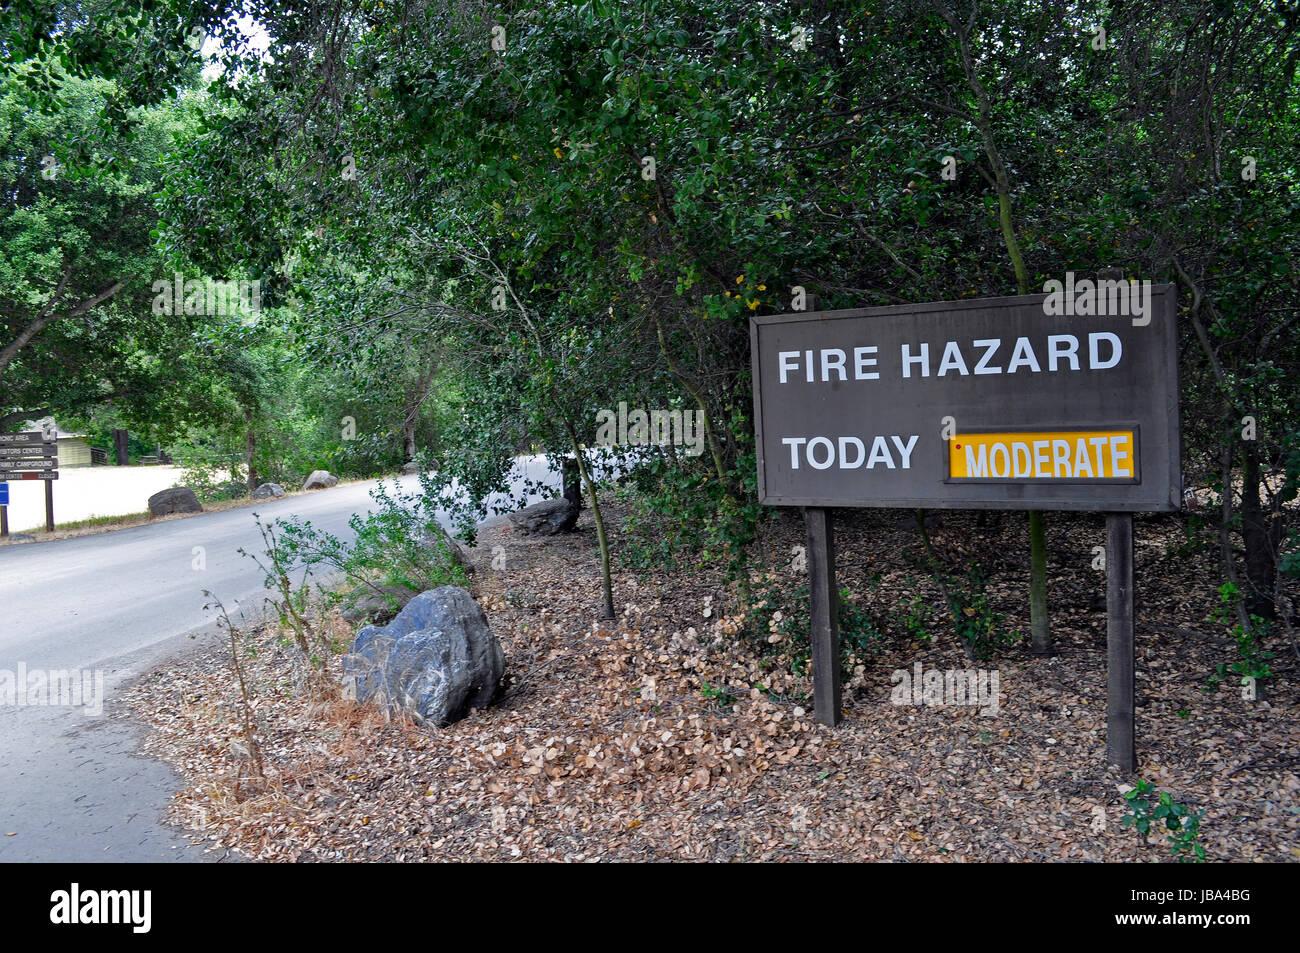 Un moderato rischio di incendi oggi segno, Sunol, Ohlone, regionale, deserto, California, Immagini Stock